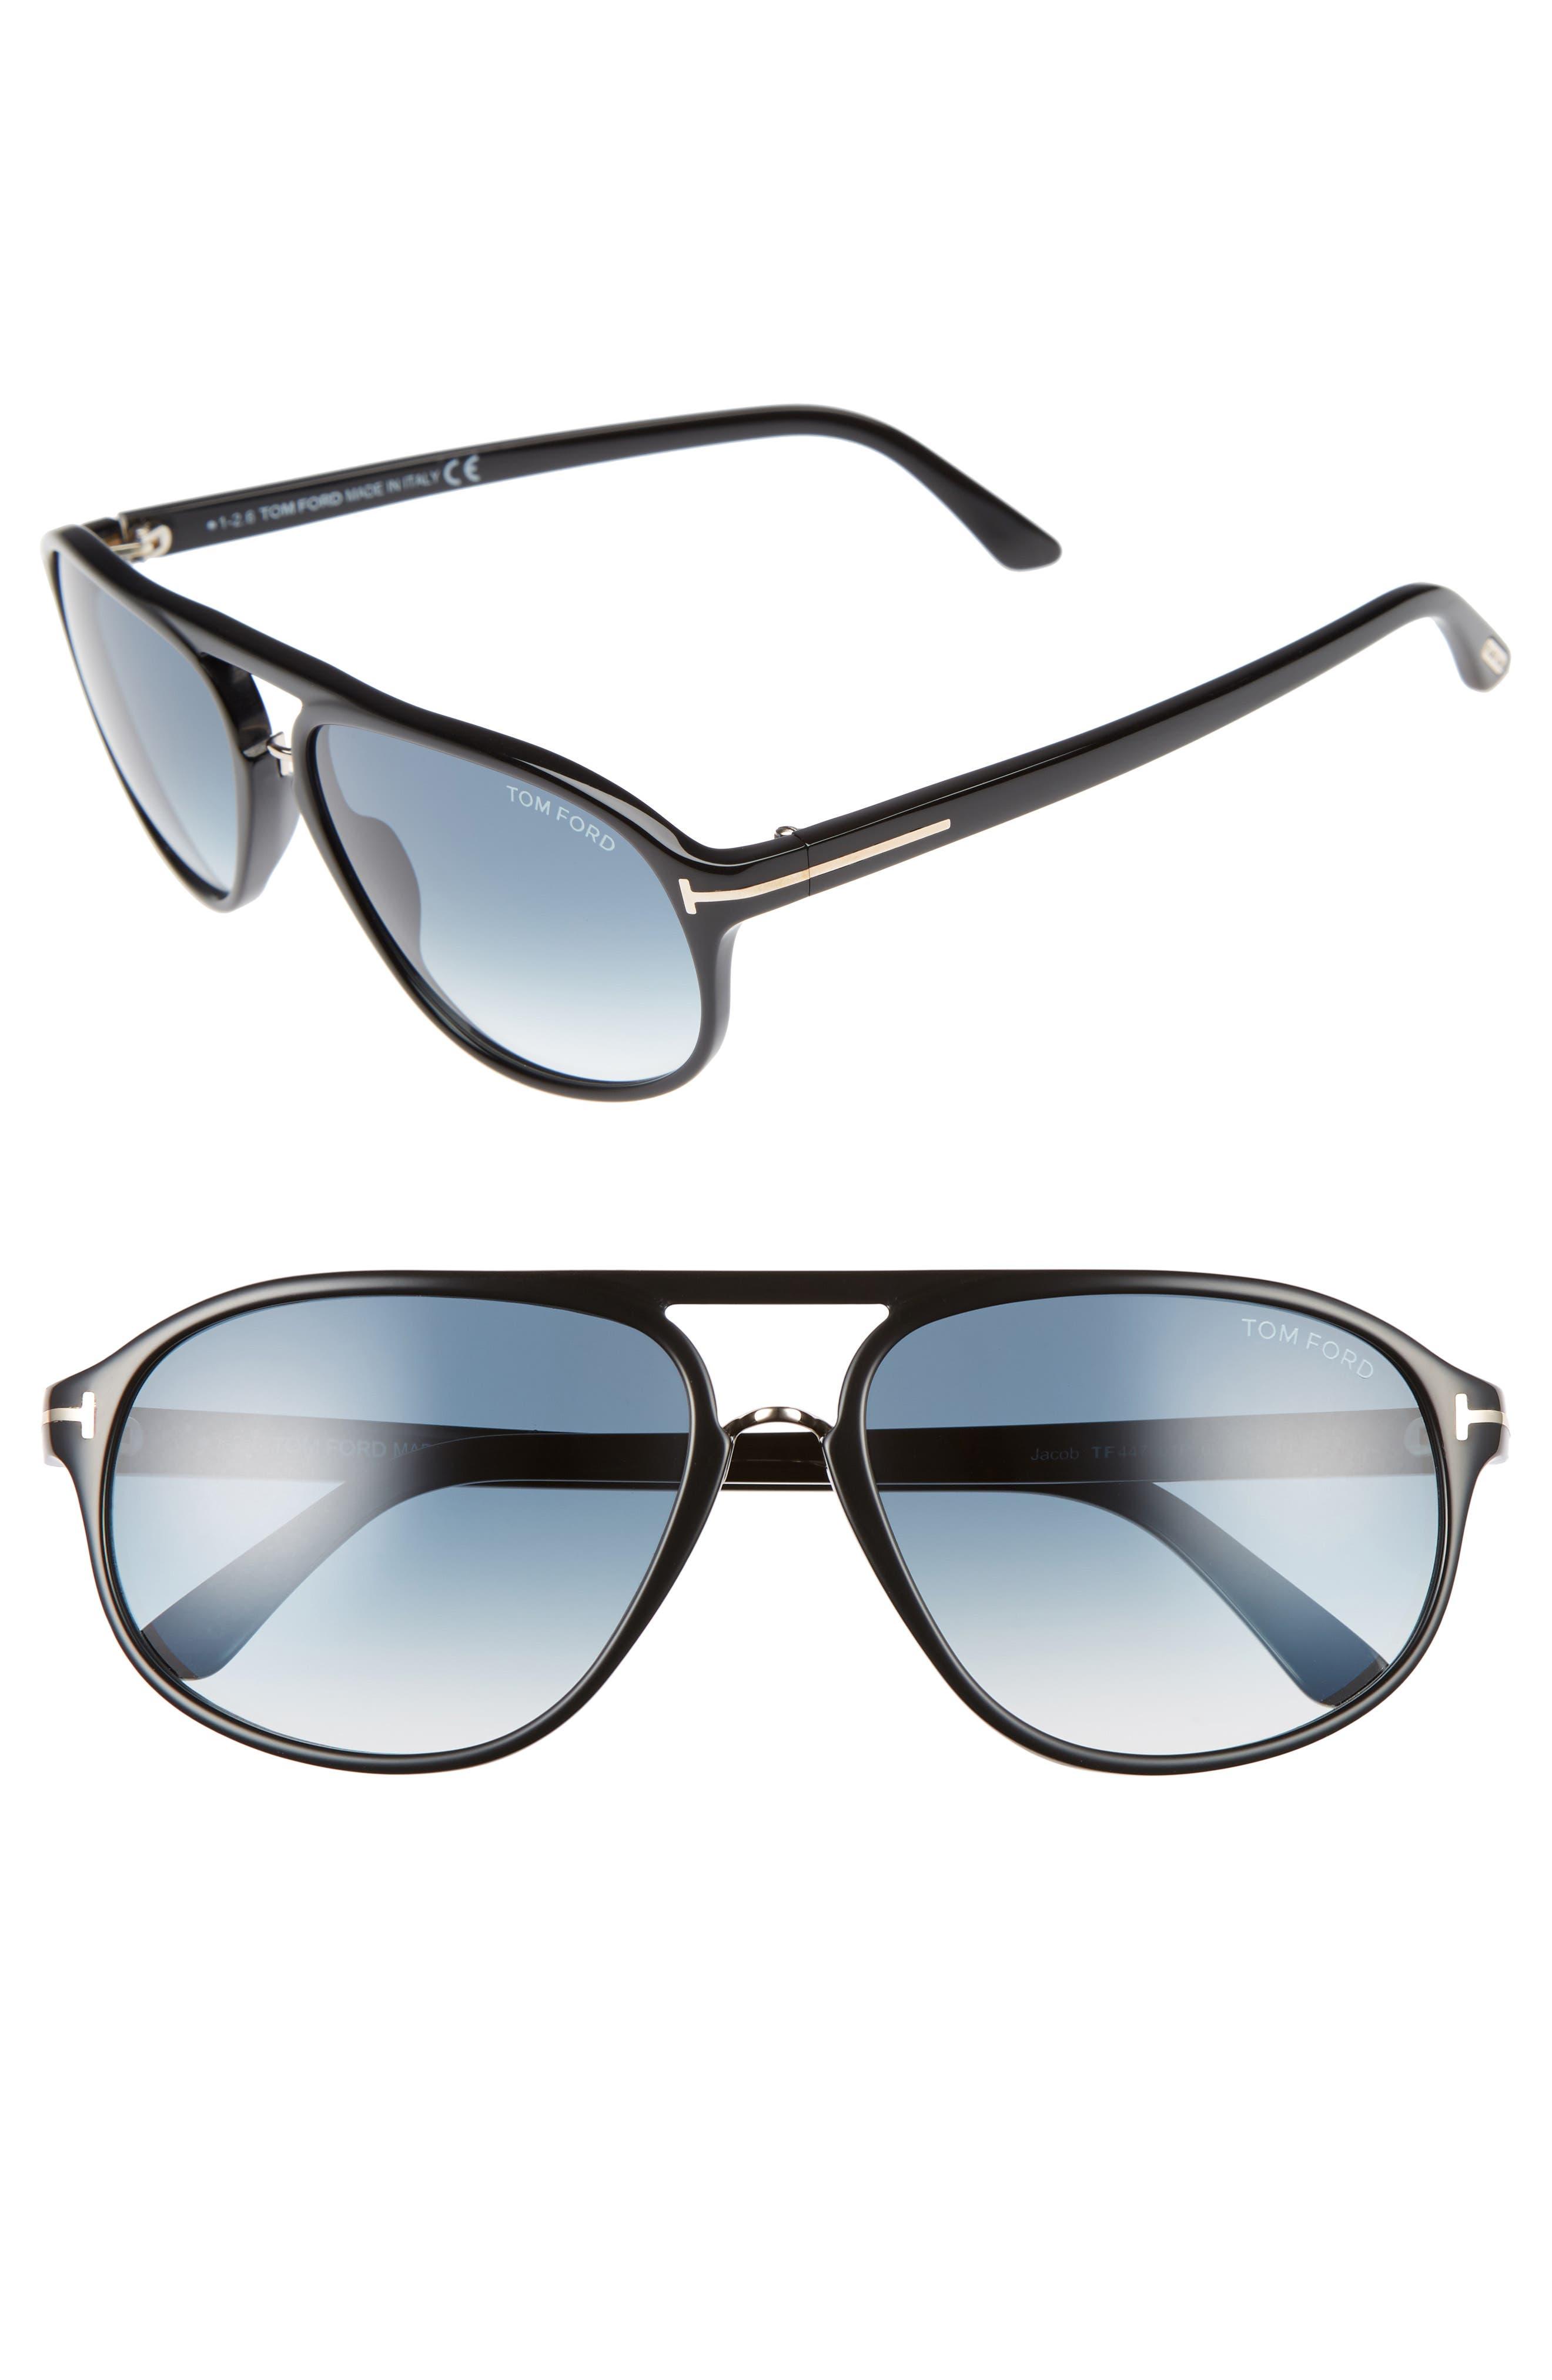 Jacob 60mm Retro Sunglasses,                         Main,                         color, 001